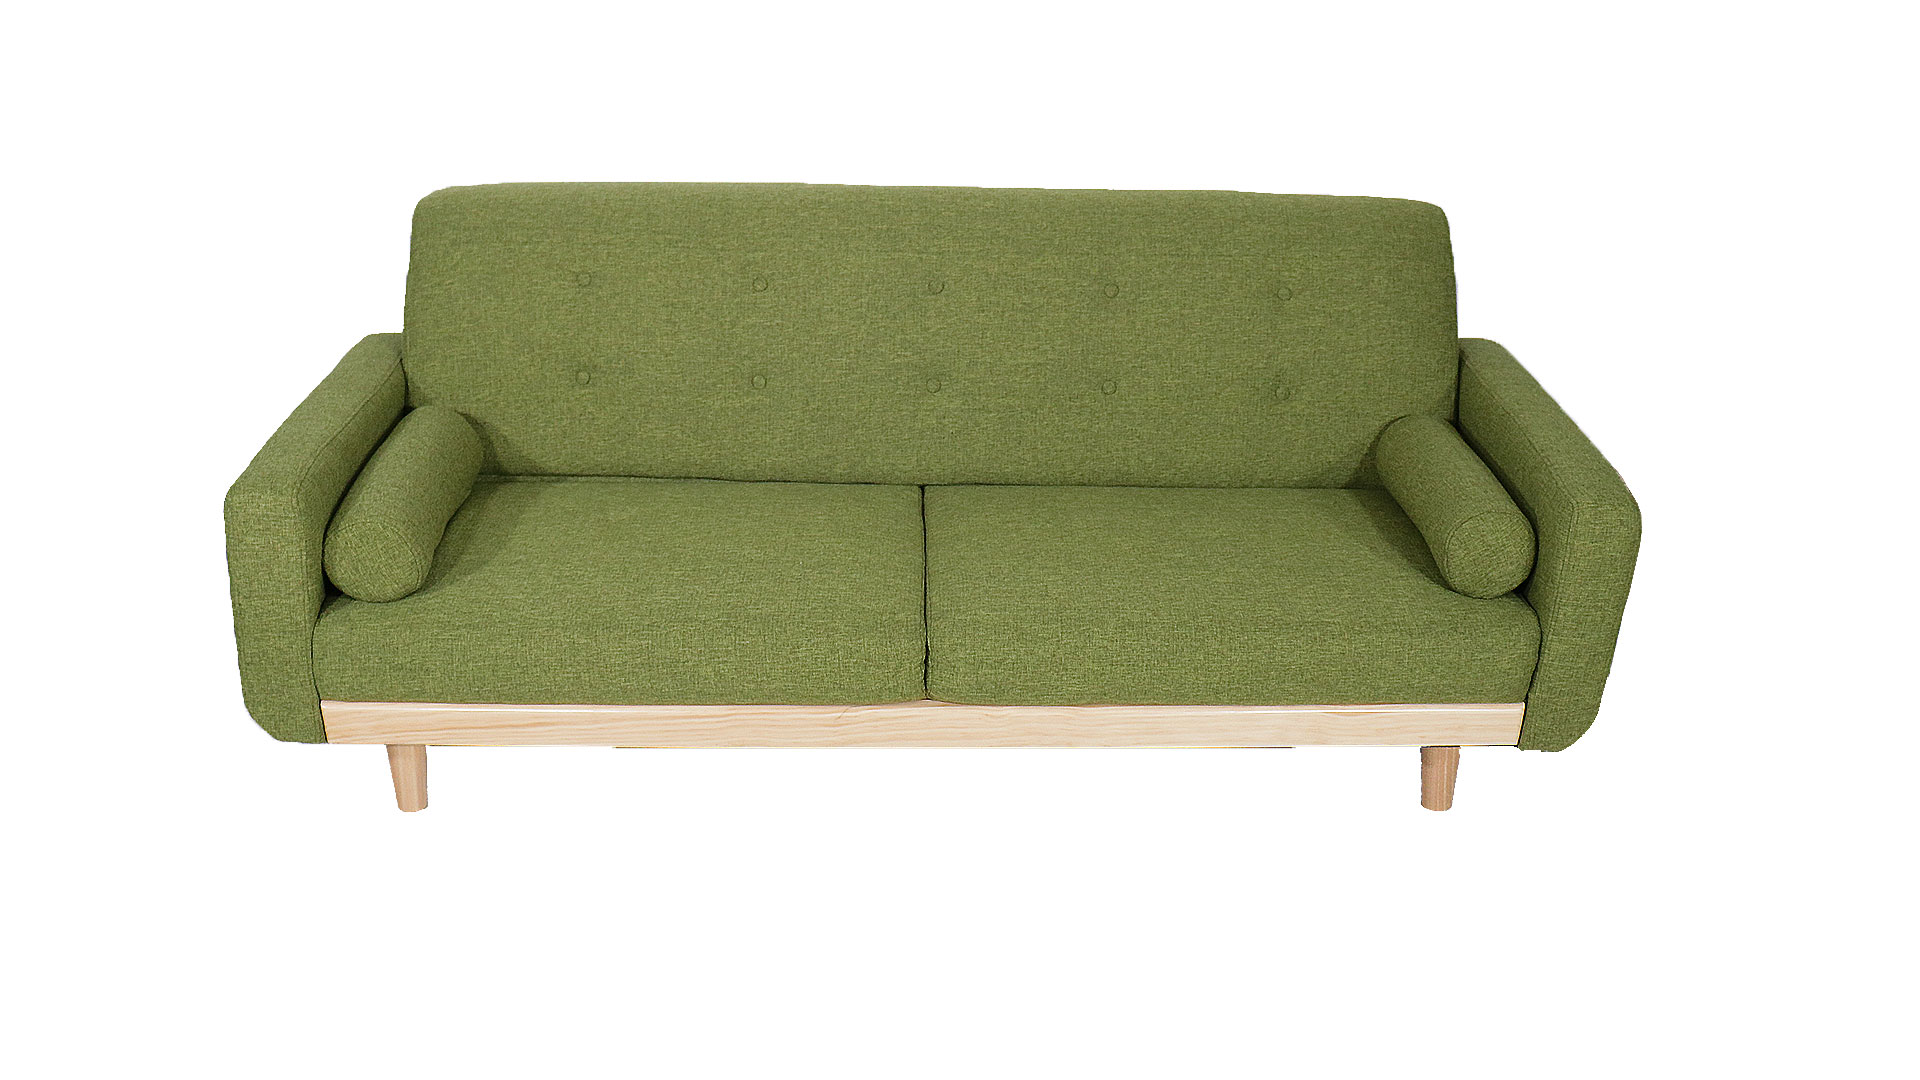 リビンズのソファ「アンジェリカ」の正面からの画像